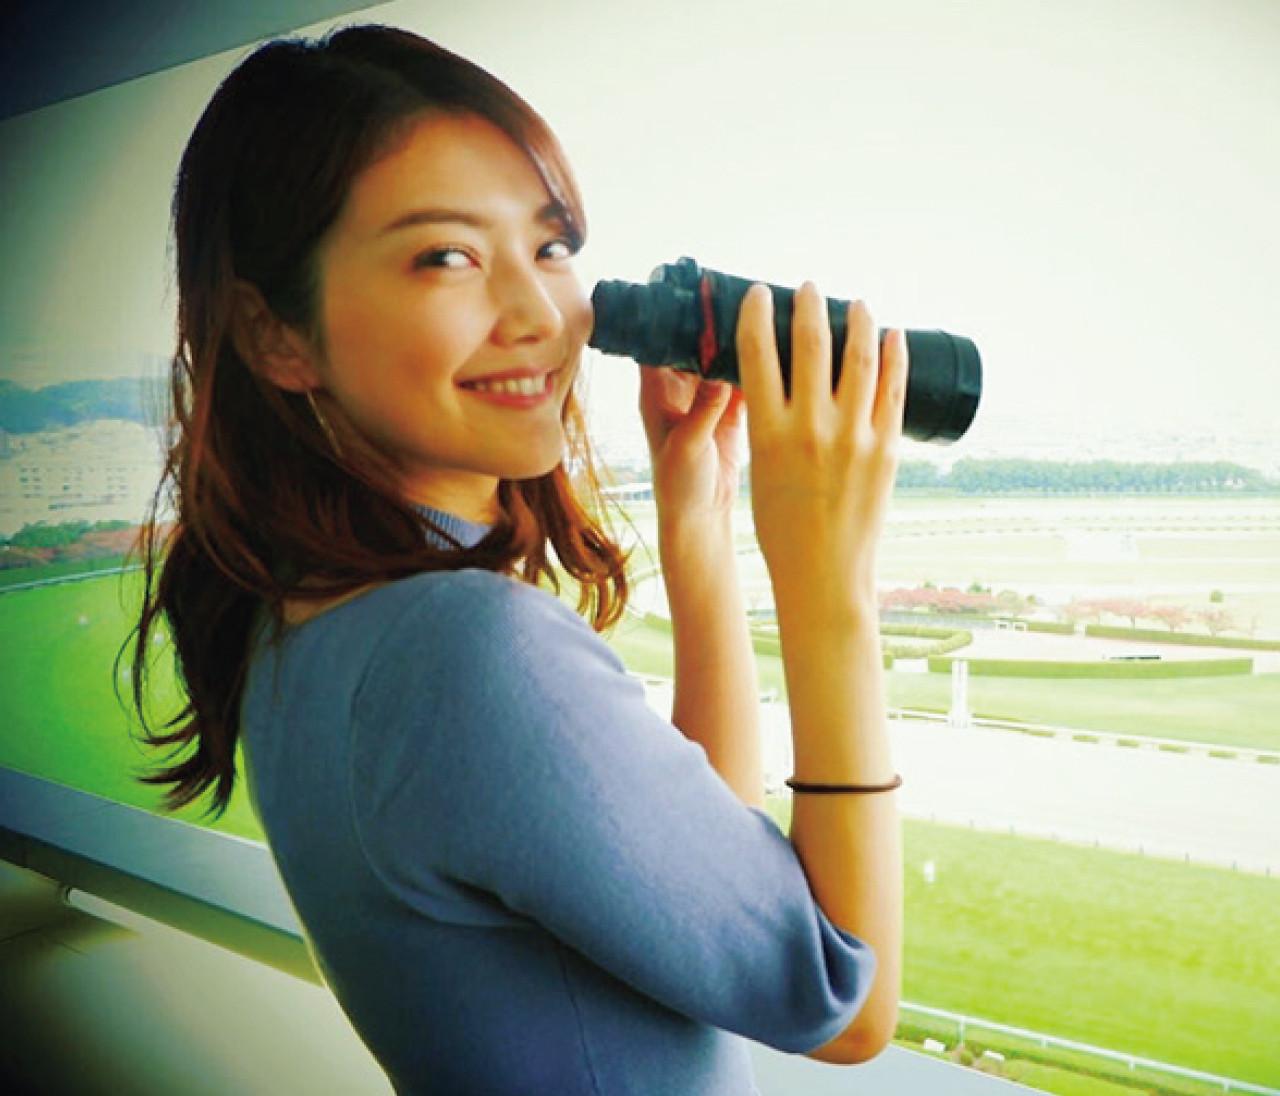 【競馬のススメ】女優にして馬女(ウマジョ)!田中道子さんが競馬にハマったワケ